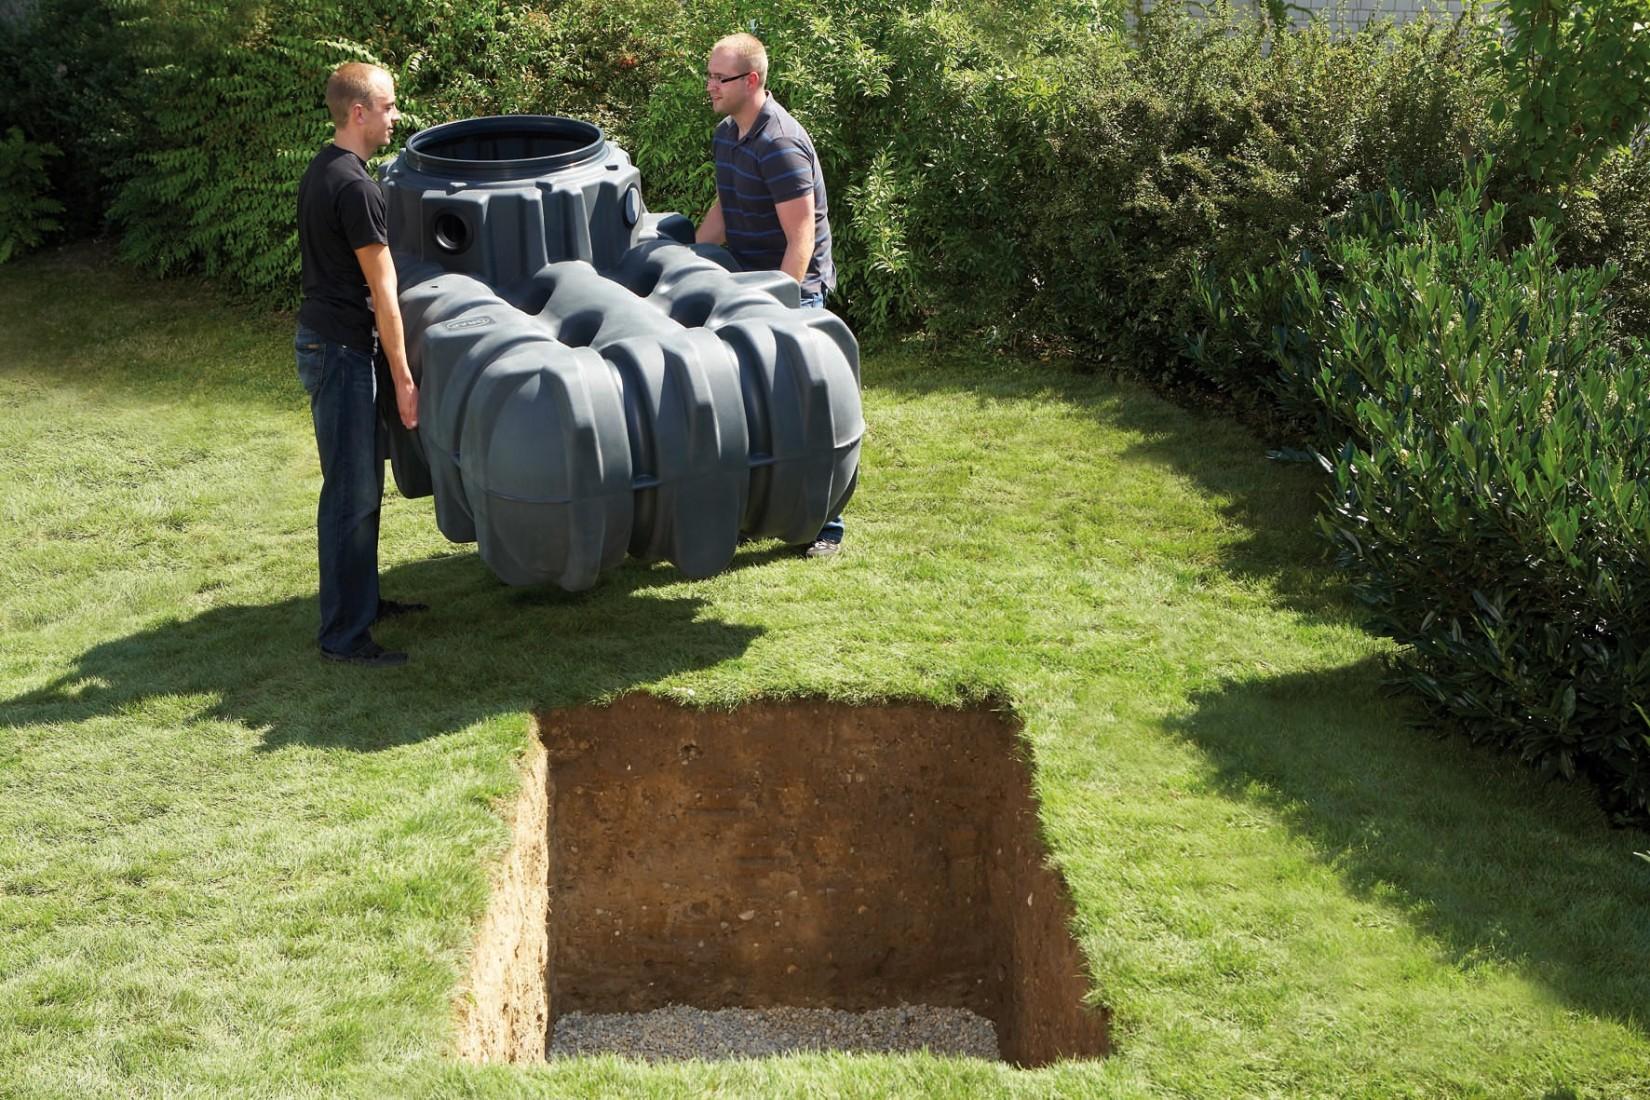 Einbau eines Kunststoff-Flachtanks zur Regenwasserspeicherung. Foto: Graf